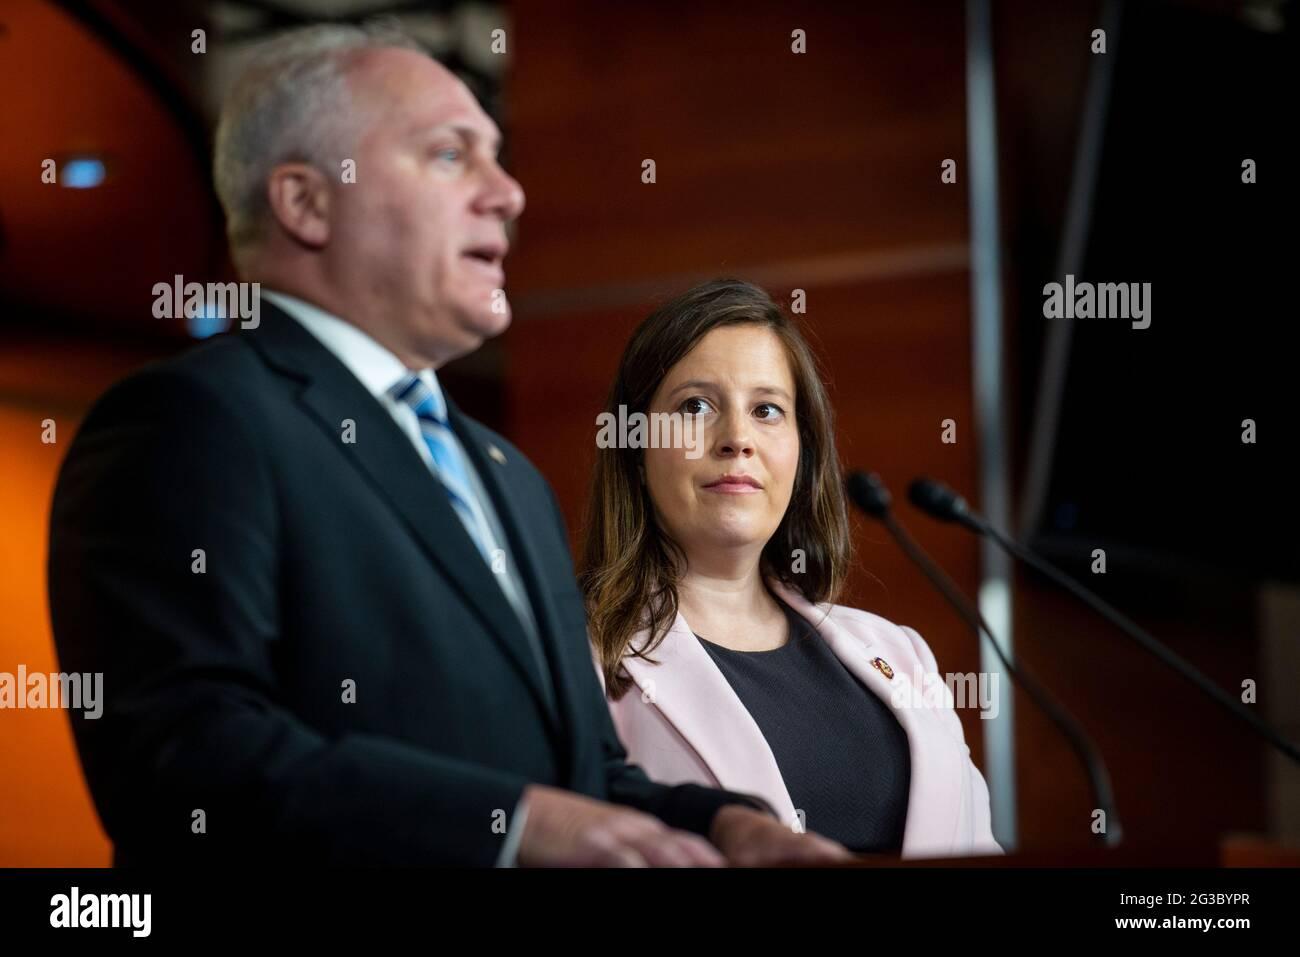 Le whip de la minorité de la Maison des États-Unis Steve Scalise (républicain de Louisiane), à gauche, et la représentante des États-Unis Elise Stefanik (républicaine de New York), à droite, font des remarques lors d'une conférence de presse au Capitole des États-Unis, à Washington, DC, le mardi 15 juin, 2021. Crédit : Rod Lamkey / CNP / MediaPunch Banque D'Images